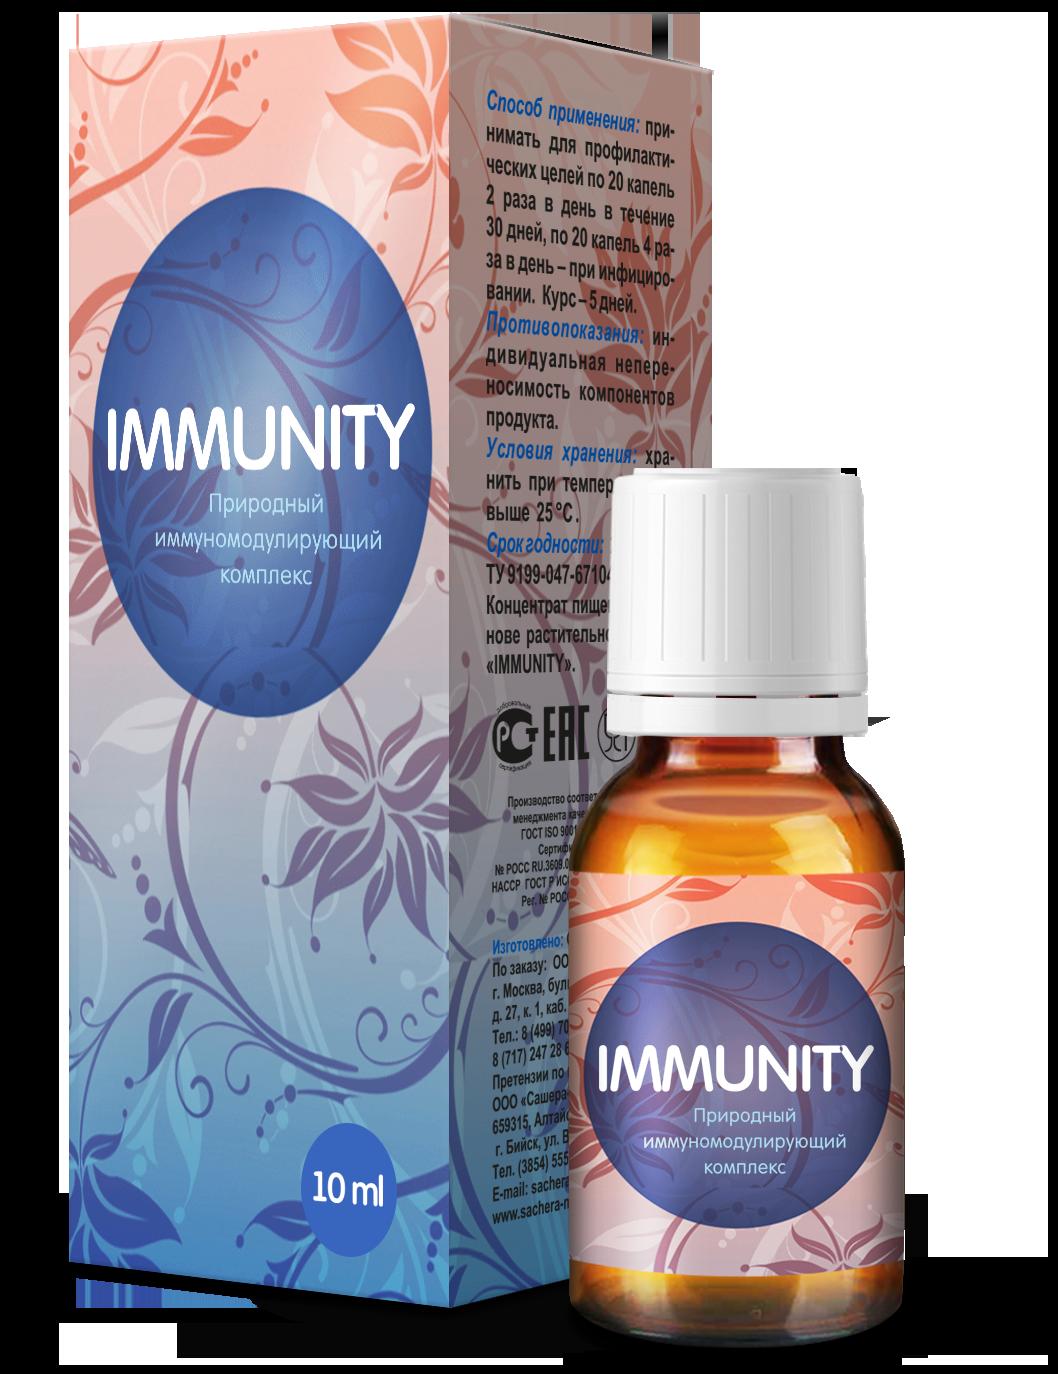 Immunity капли для иммунитета в Армавире